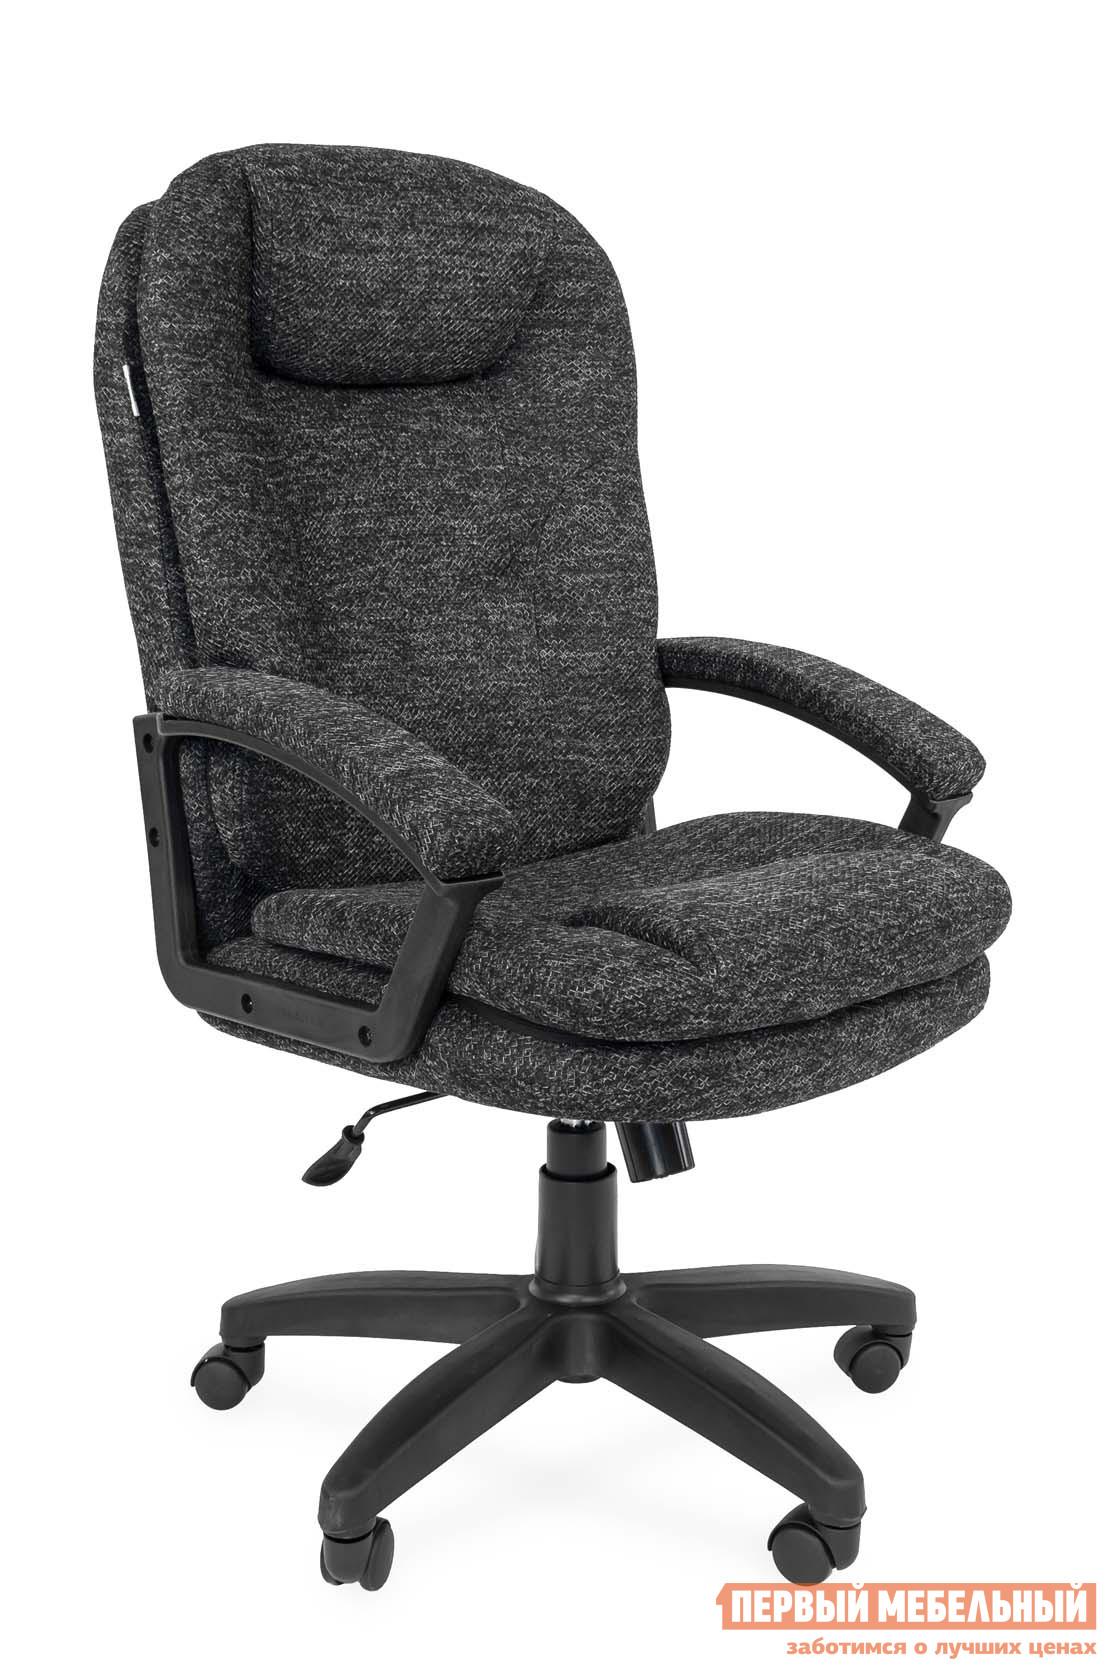 Кресло руководителя Русские кресла РК 168 / РК 168 SY кресло руководителя русские кресла рк 230 lux